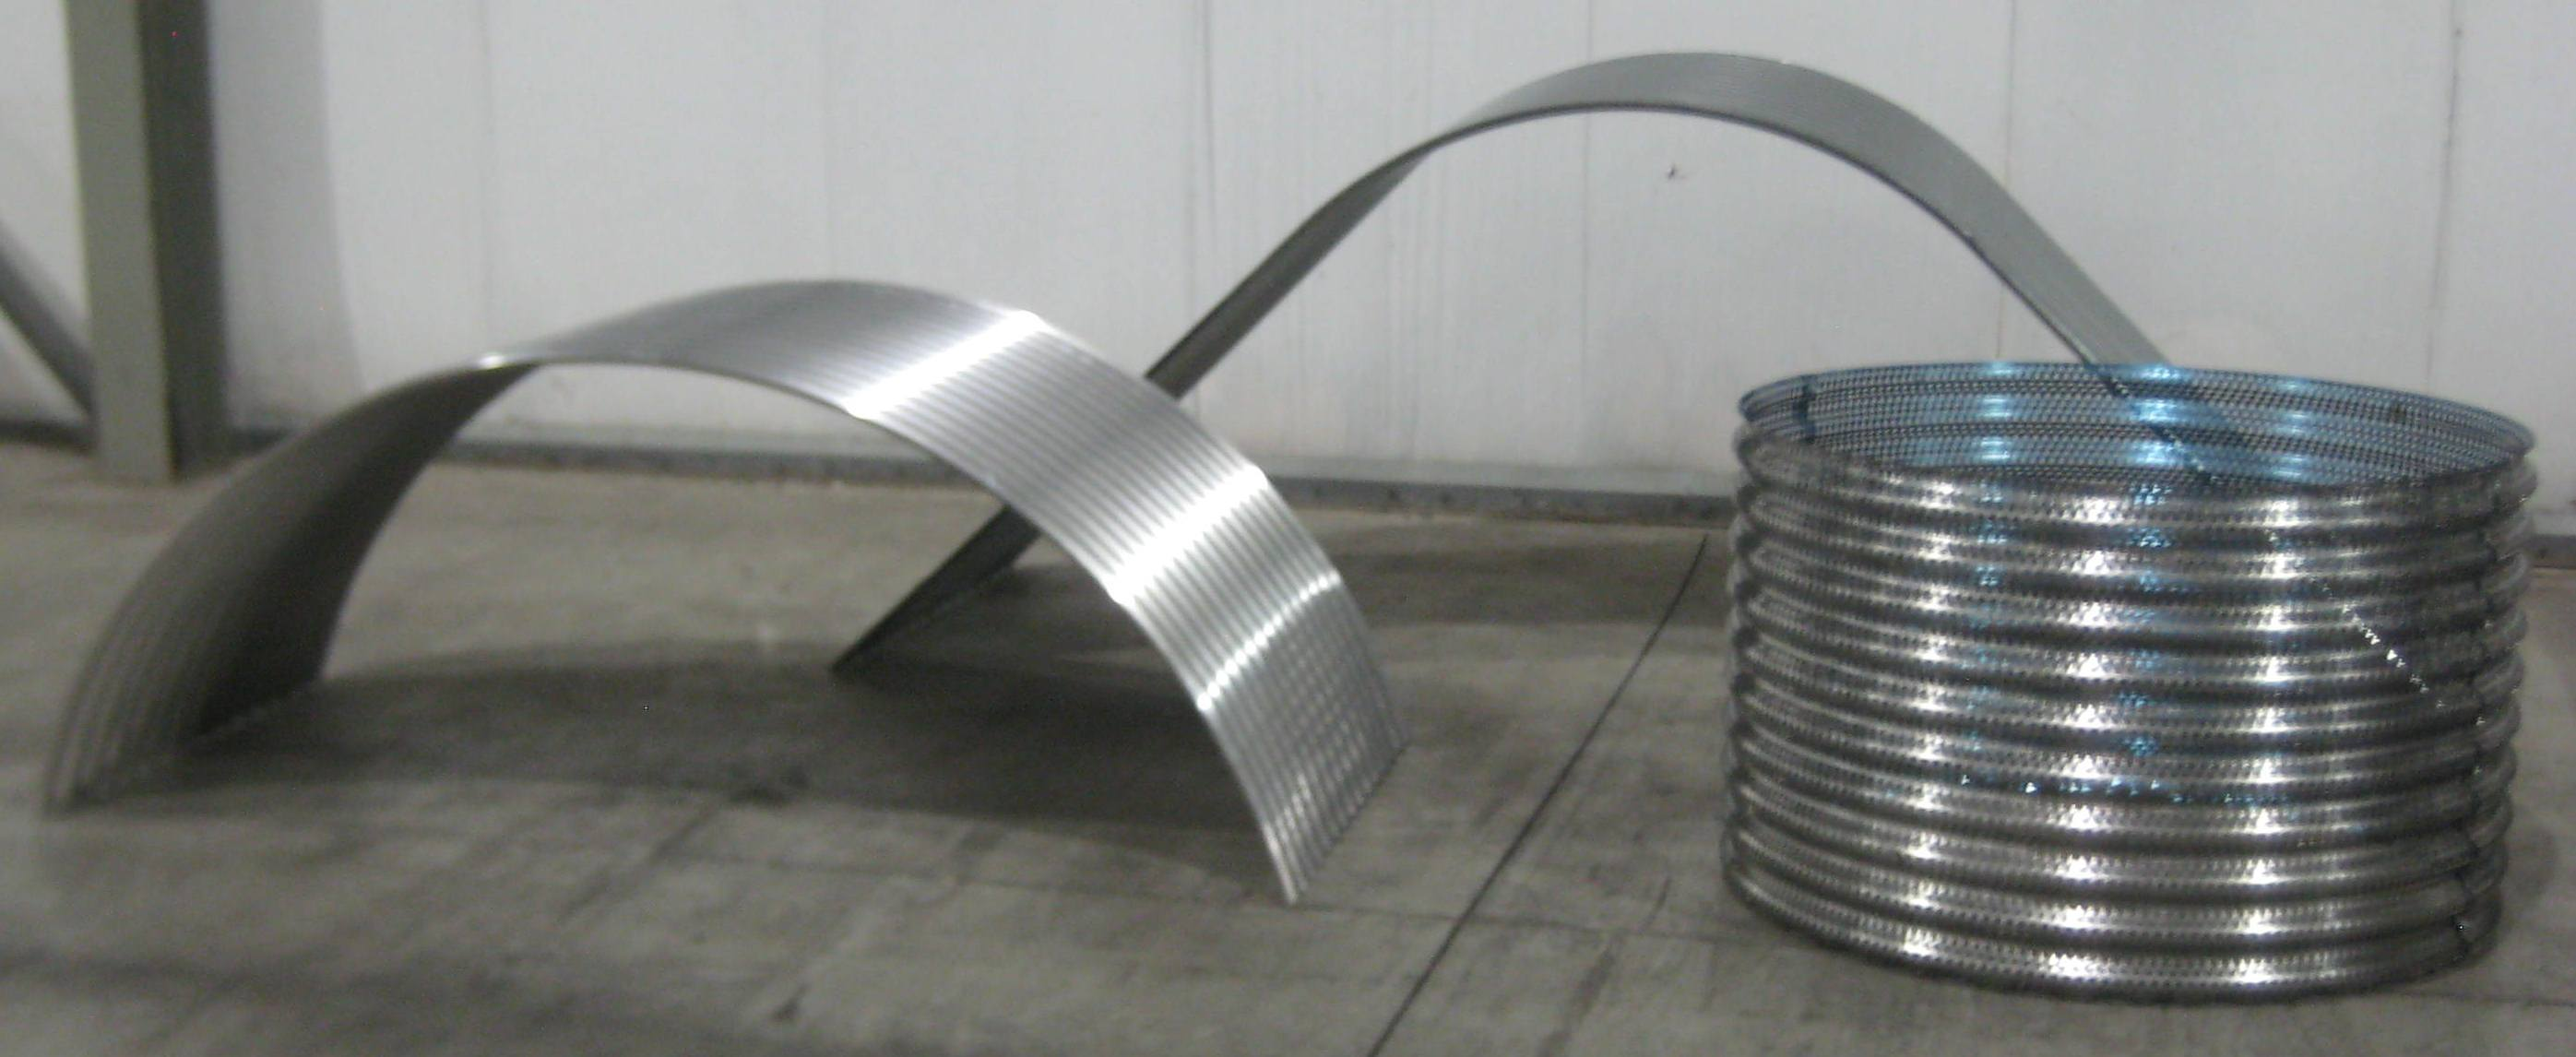 Corrugated Metals Inc Belvidere Illinois Il 61008